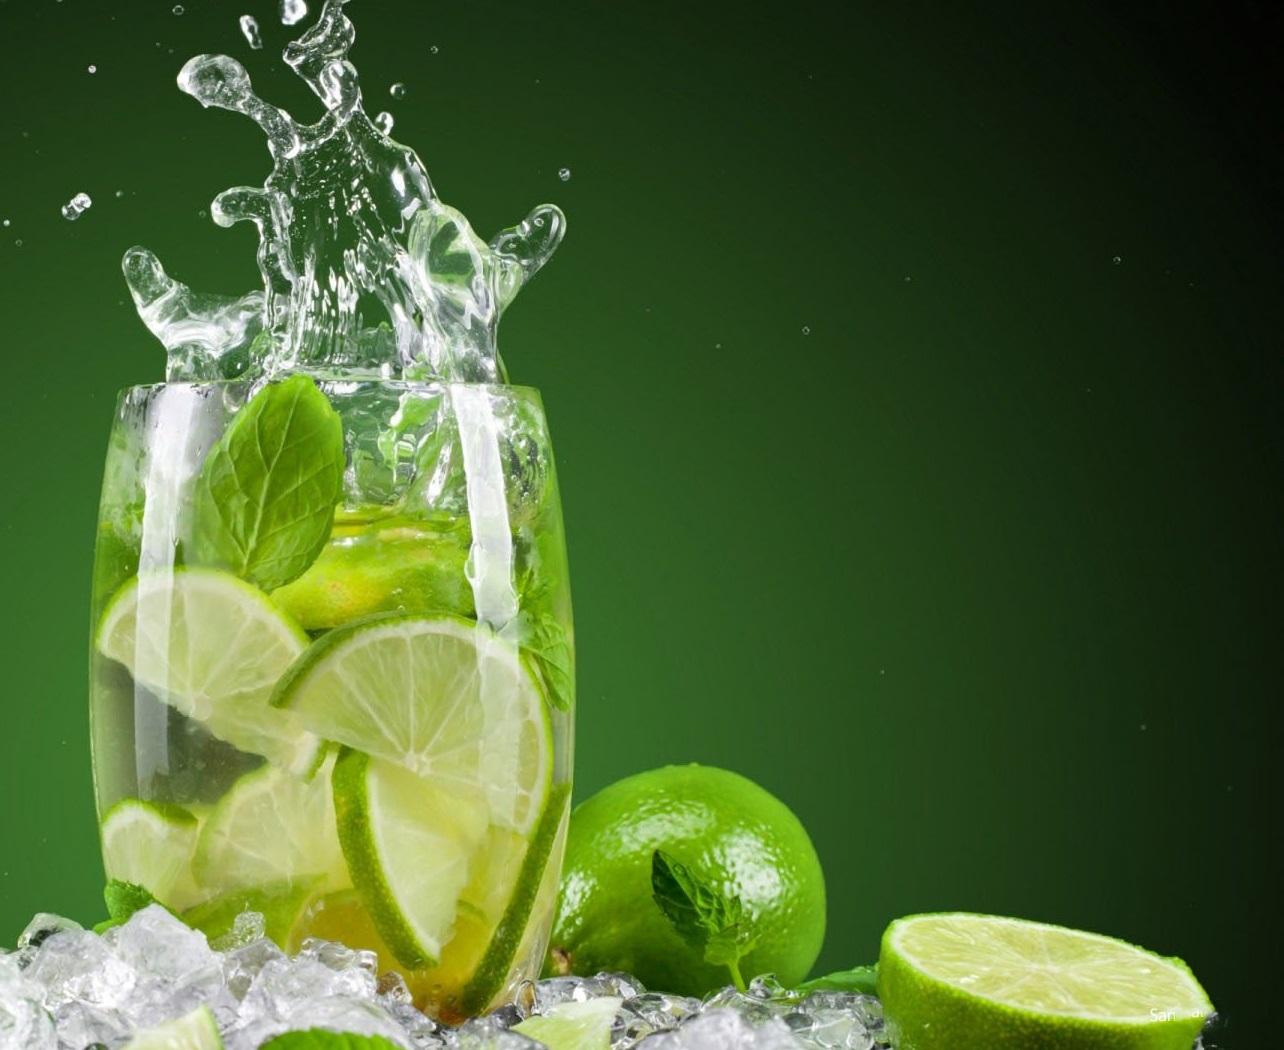 Água com limão Emagrece? Mito ou Verdade